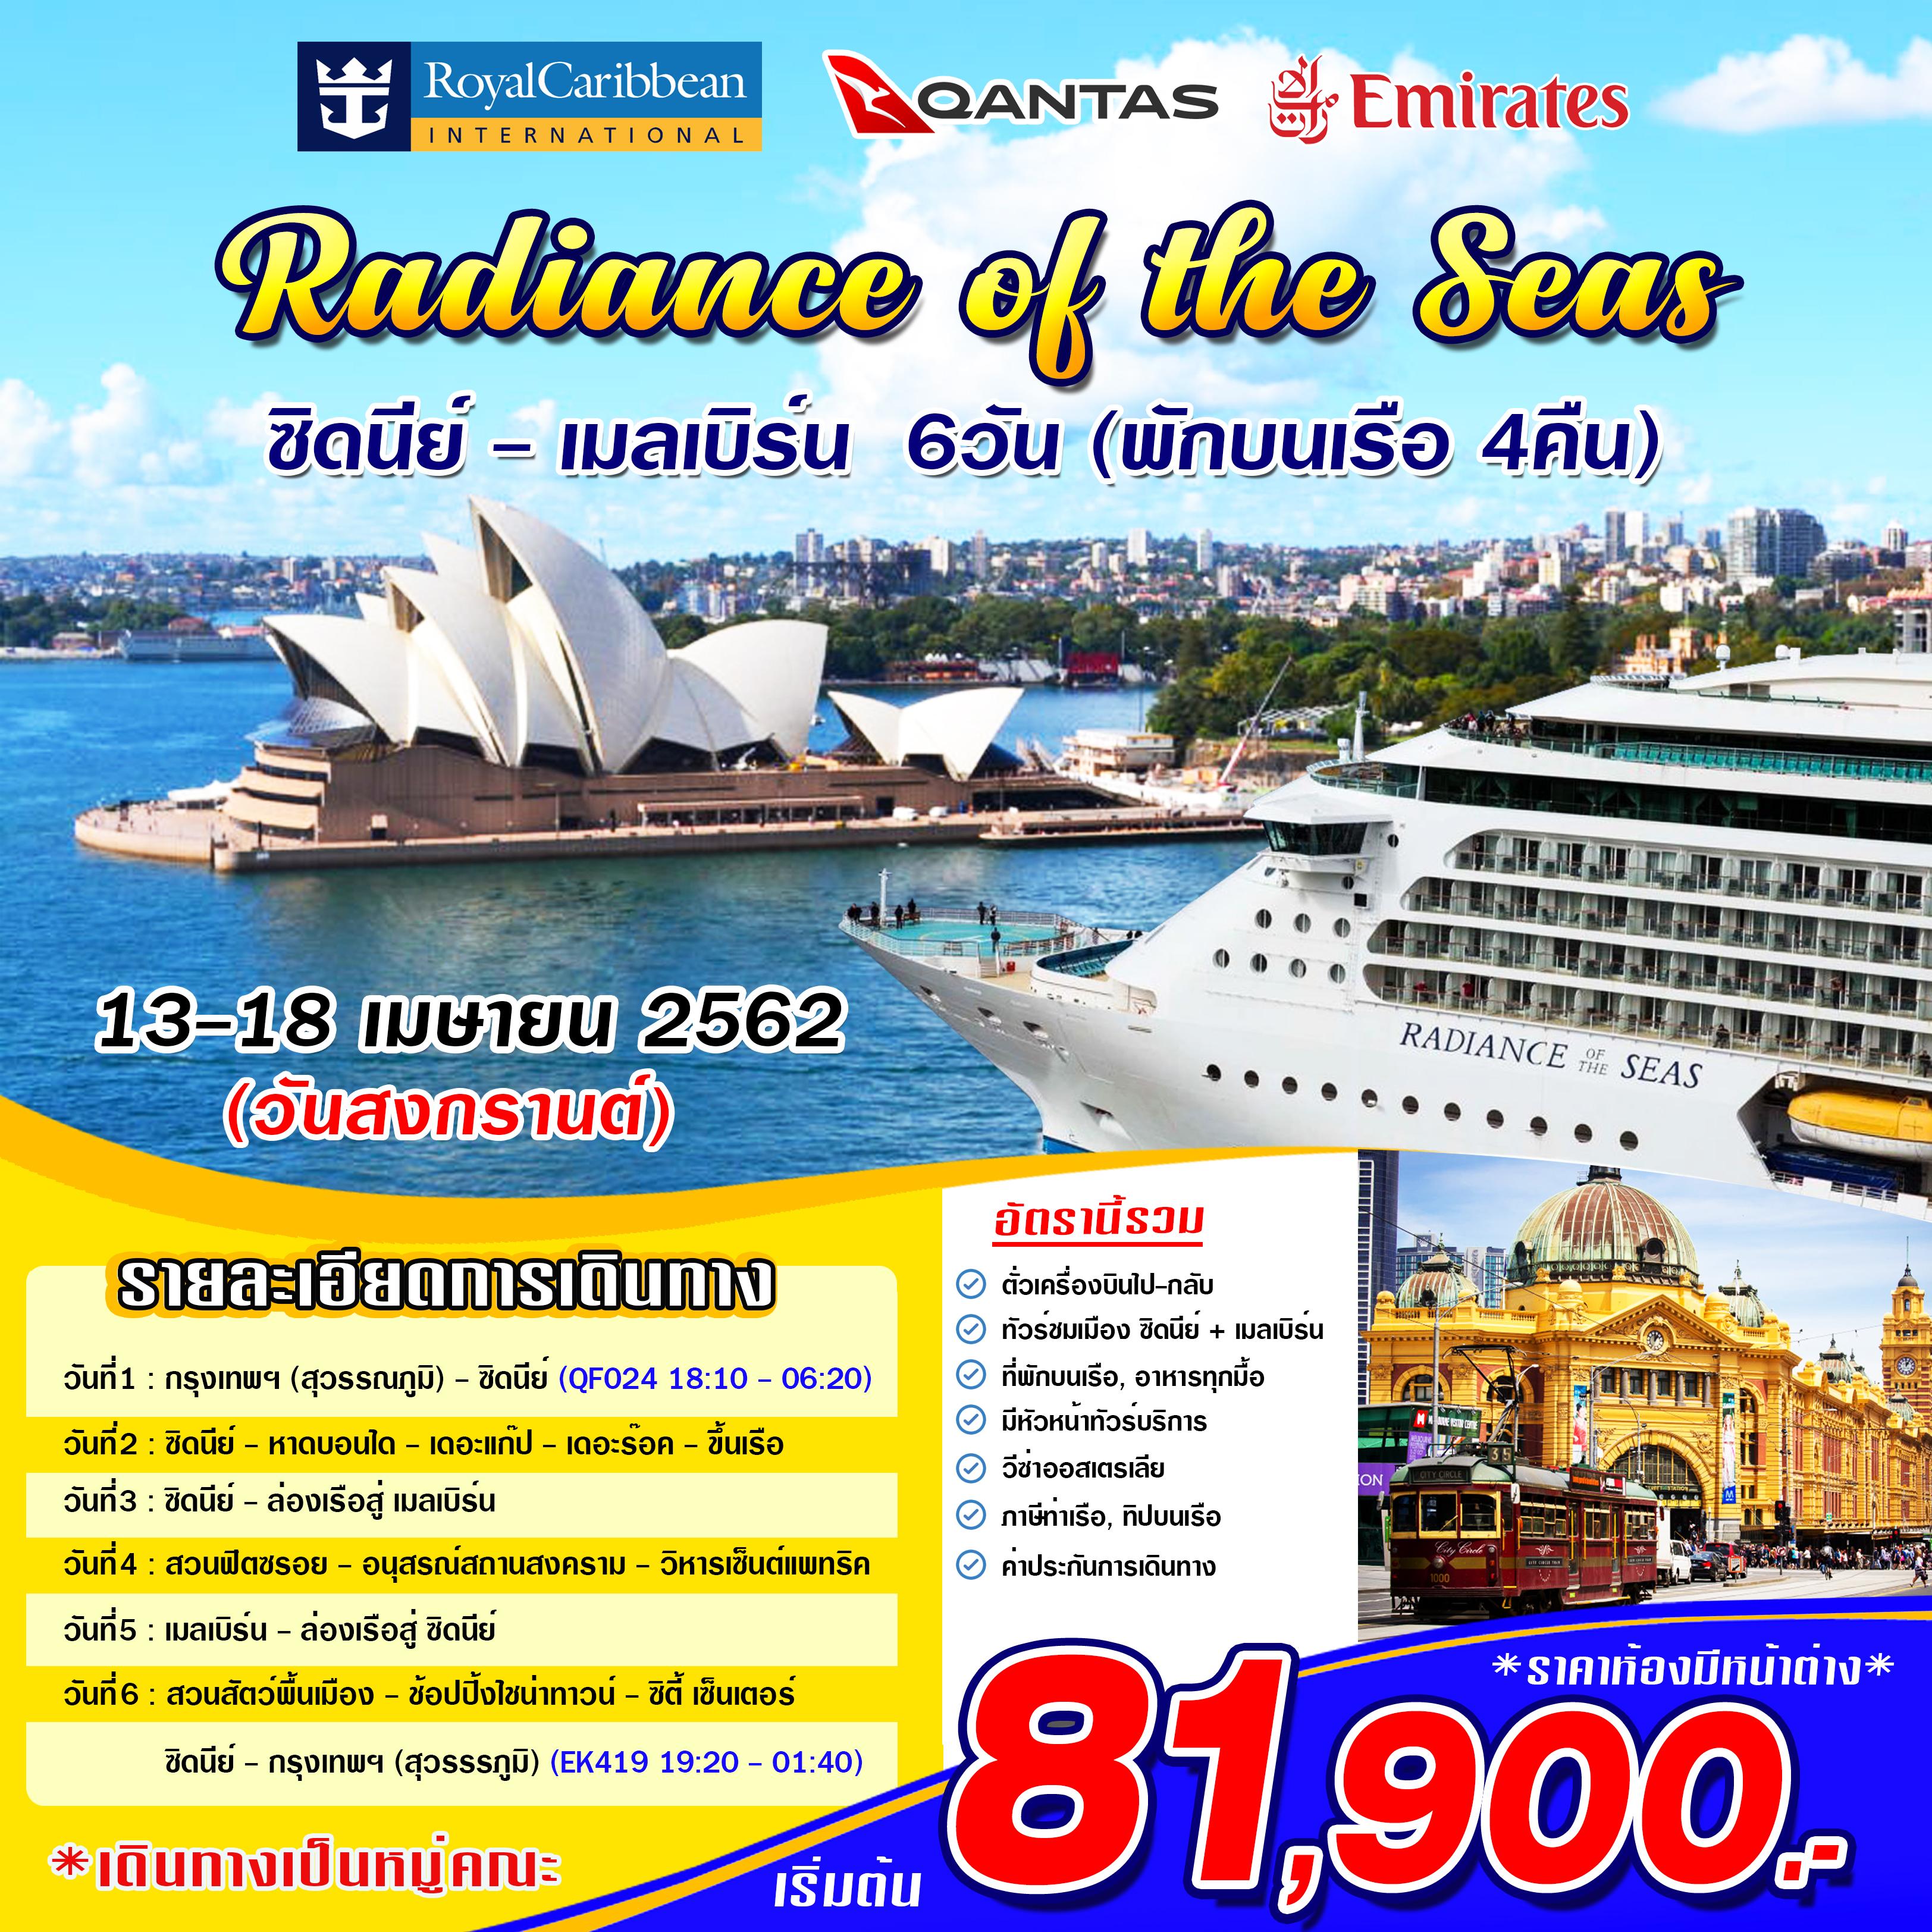 ทัวร์ออสเตรเลีย ล่องเรือสำราญ (ซิดนีย์-เมลเบิร์น) 7วัน พักบนเรือ 4คืน (13-18APR'19)